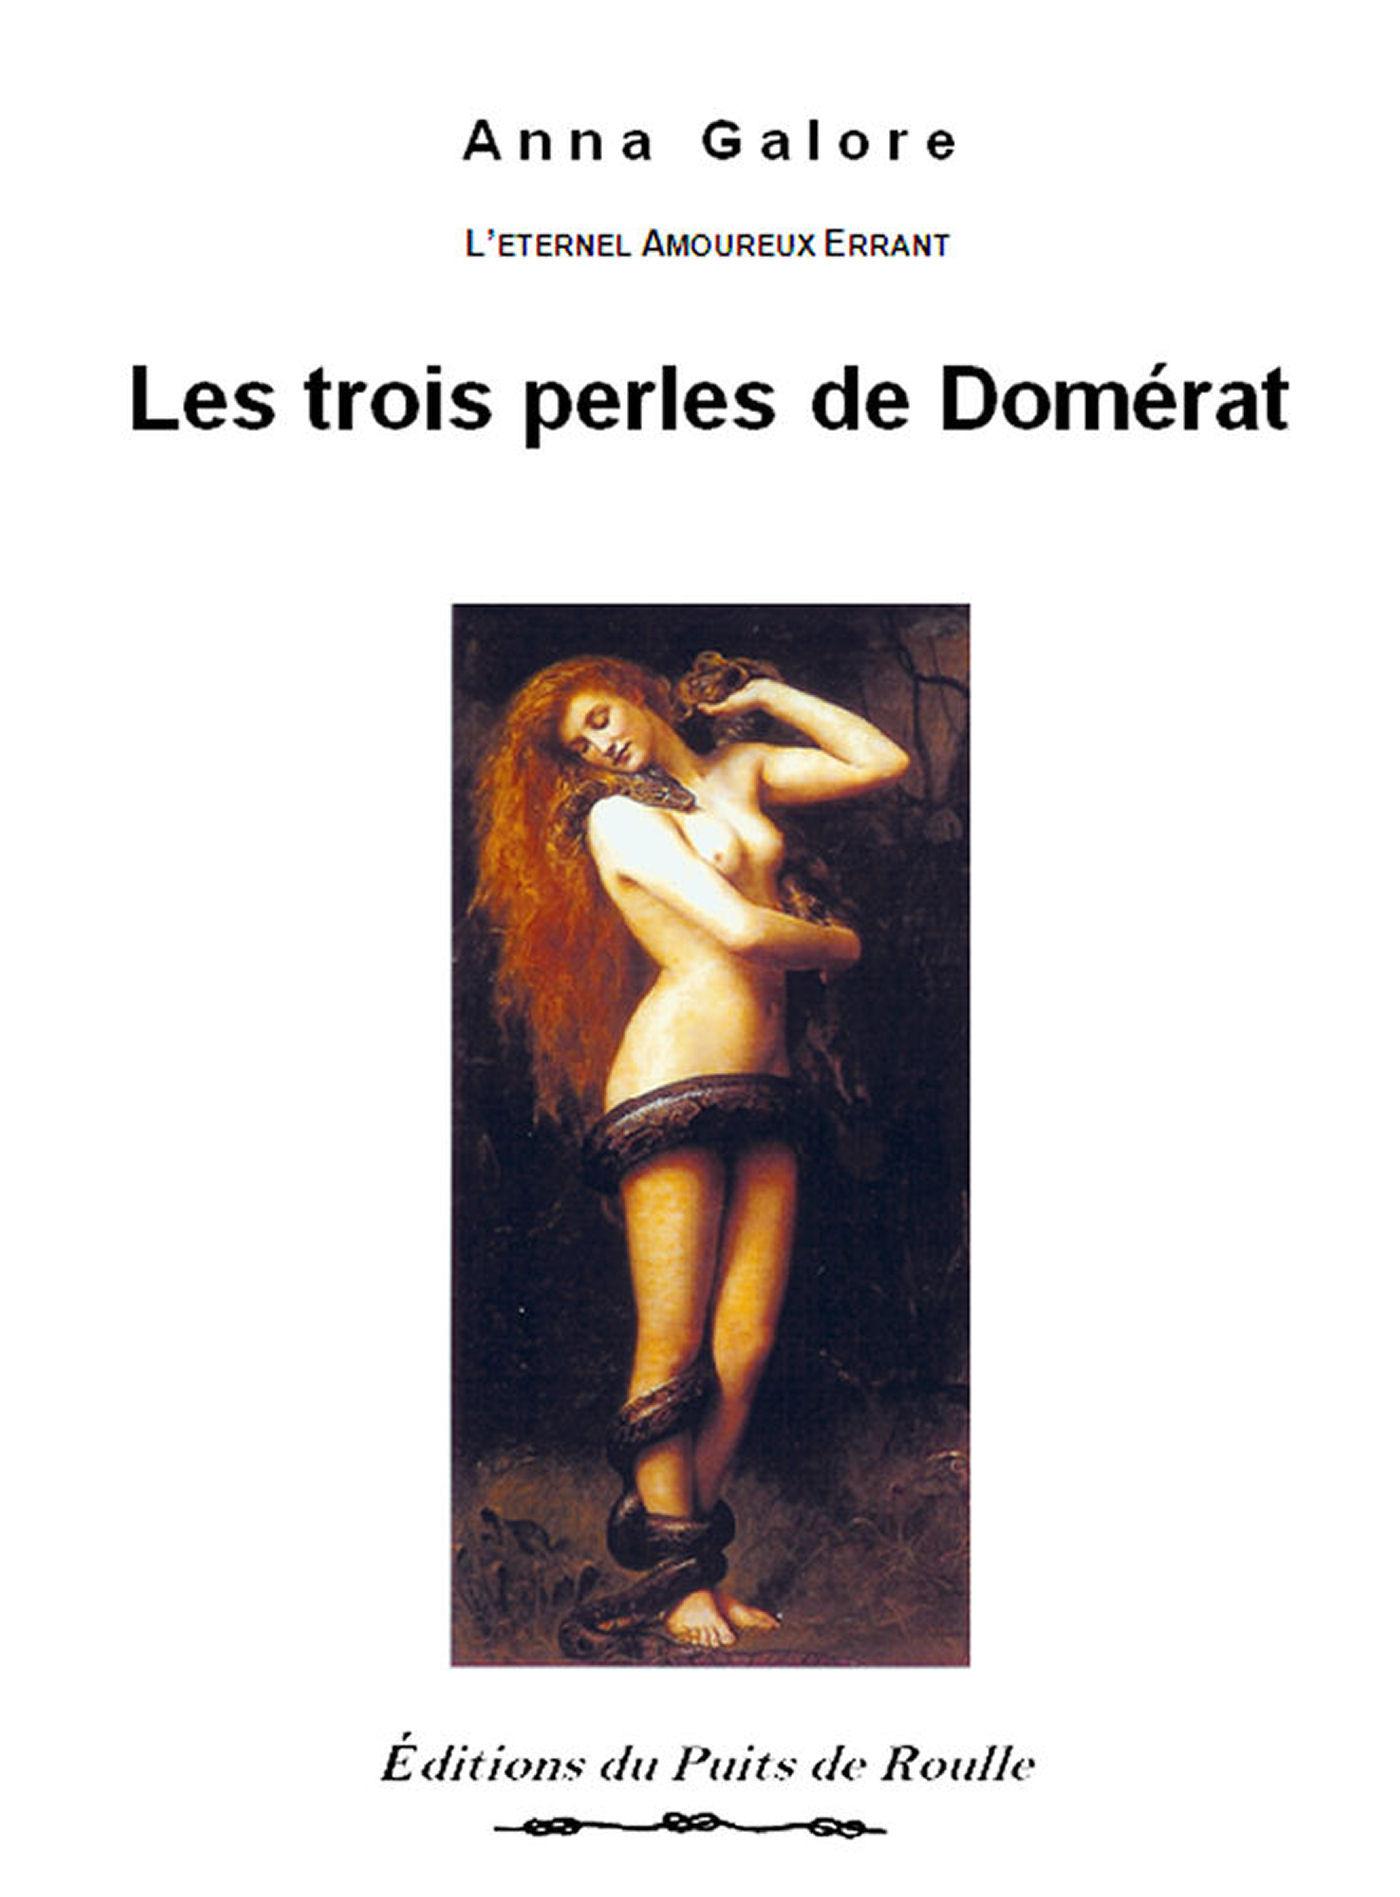 Les trois perles de Domérat